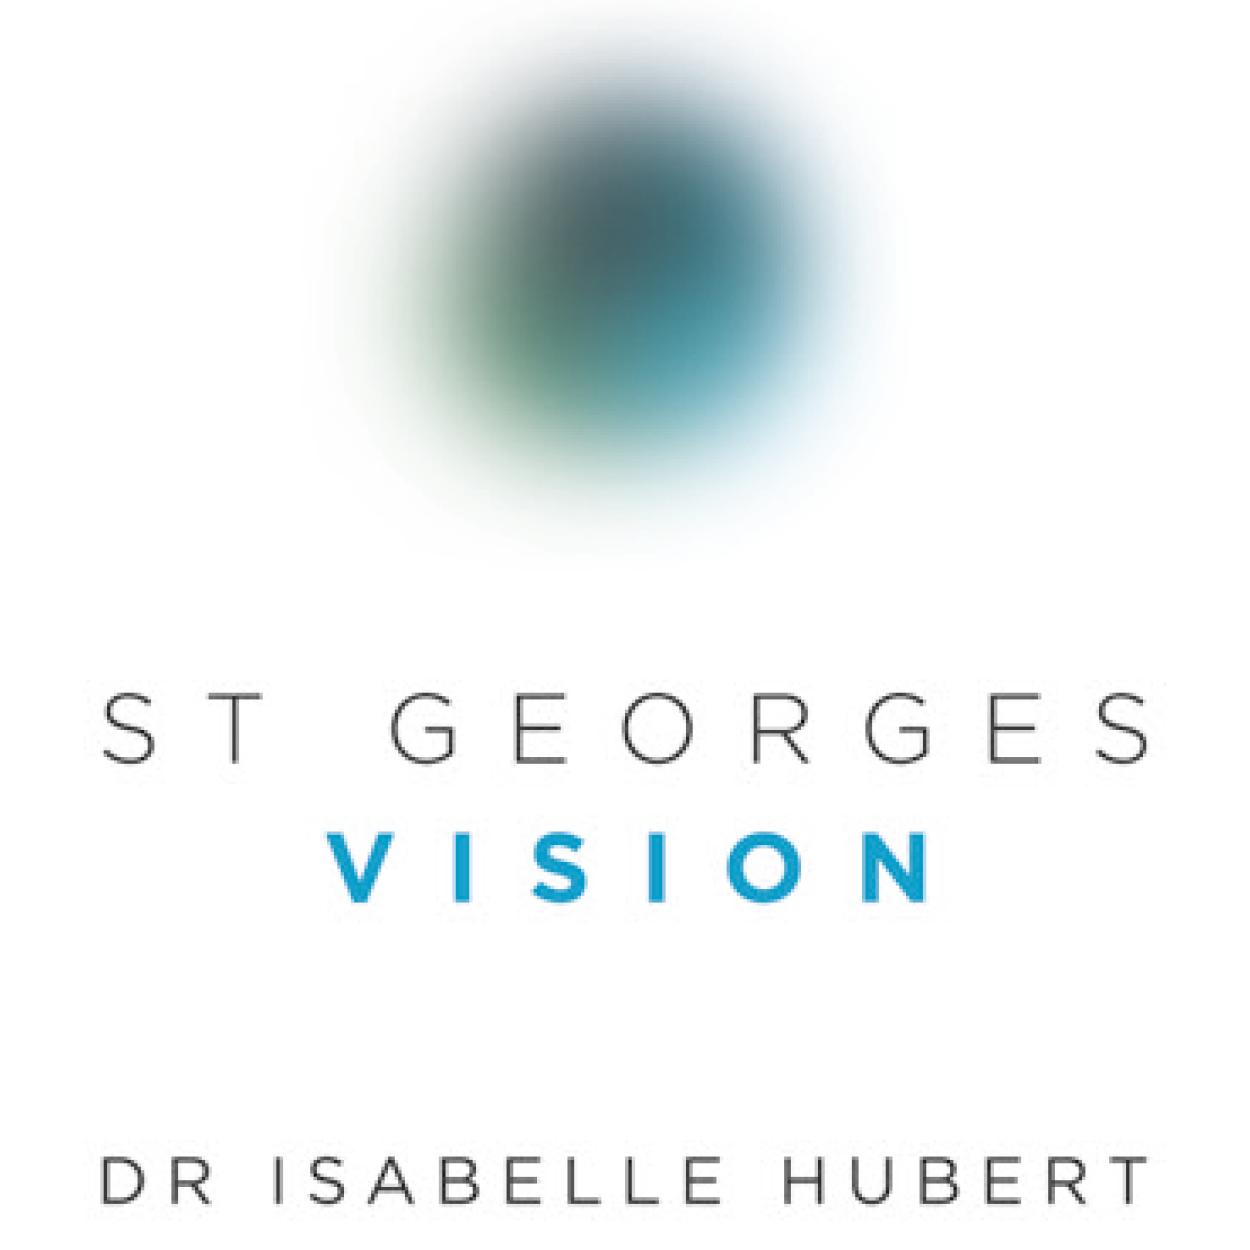 SAINT GEORGES VISION